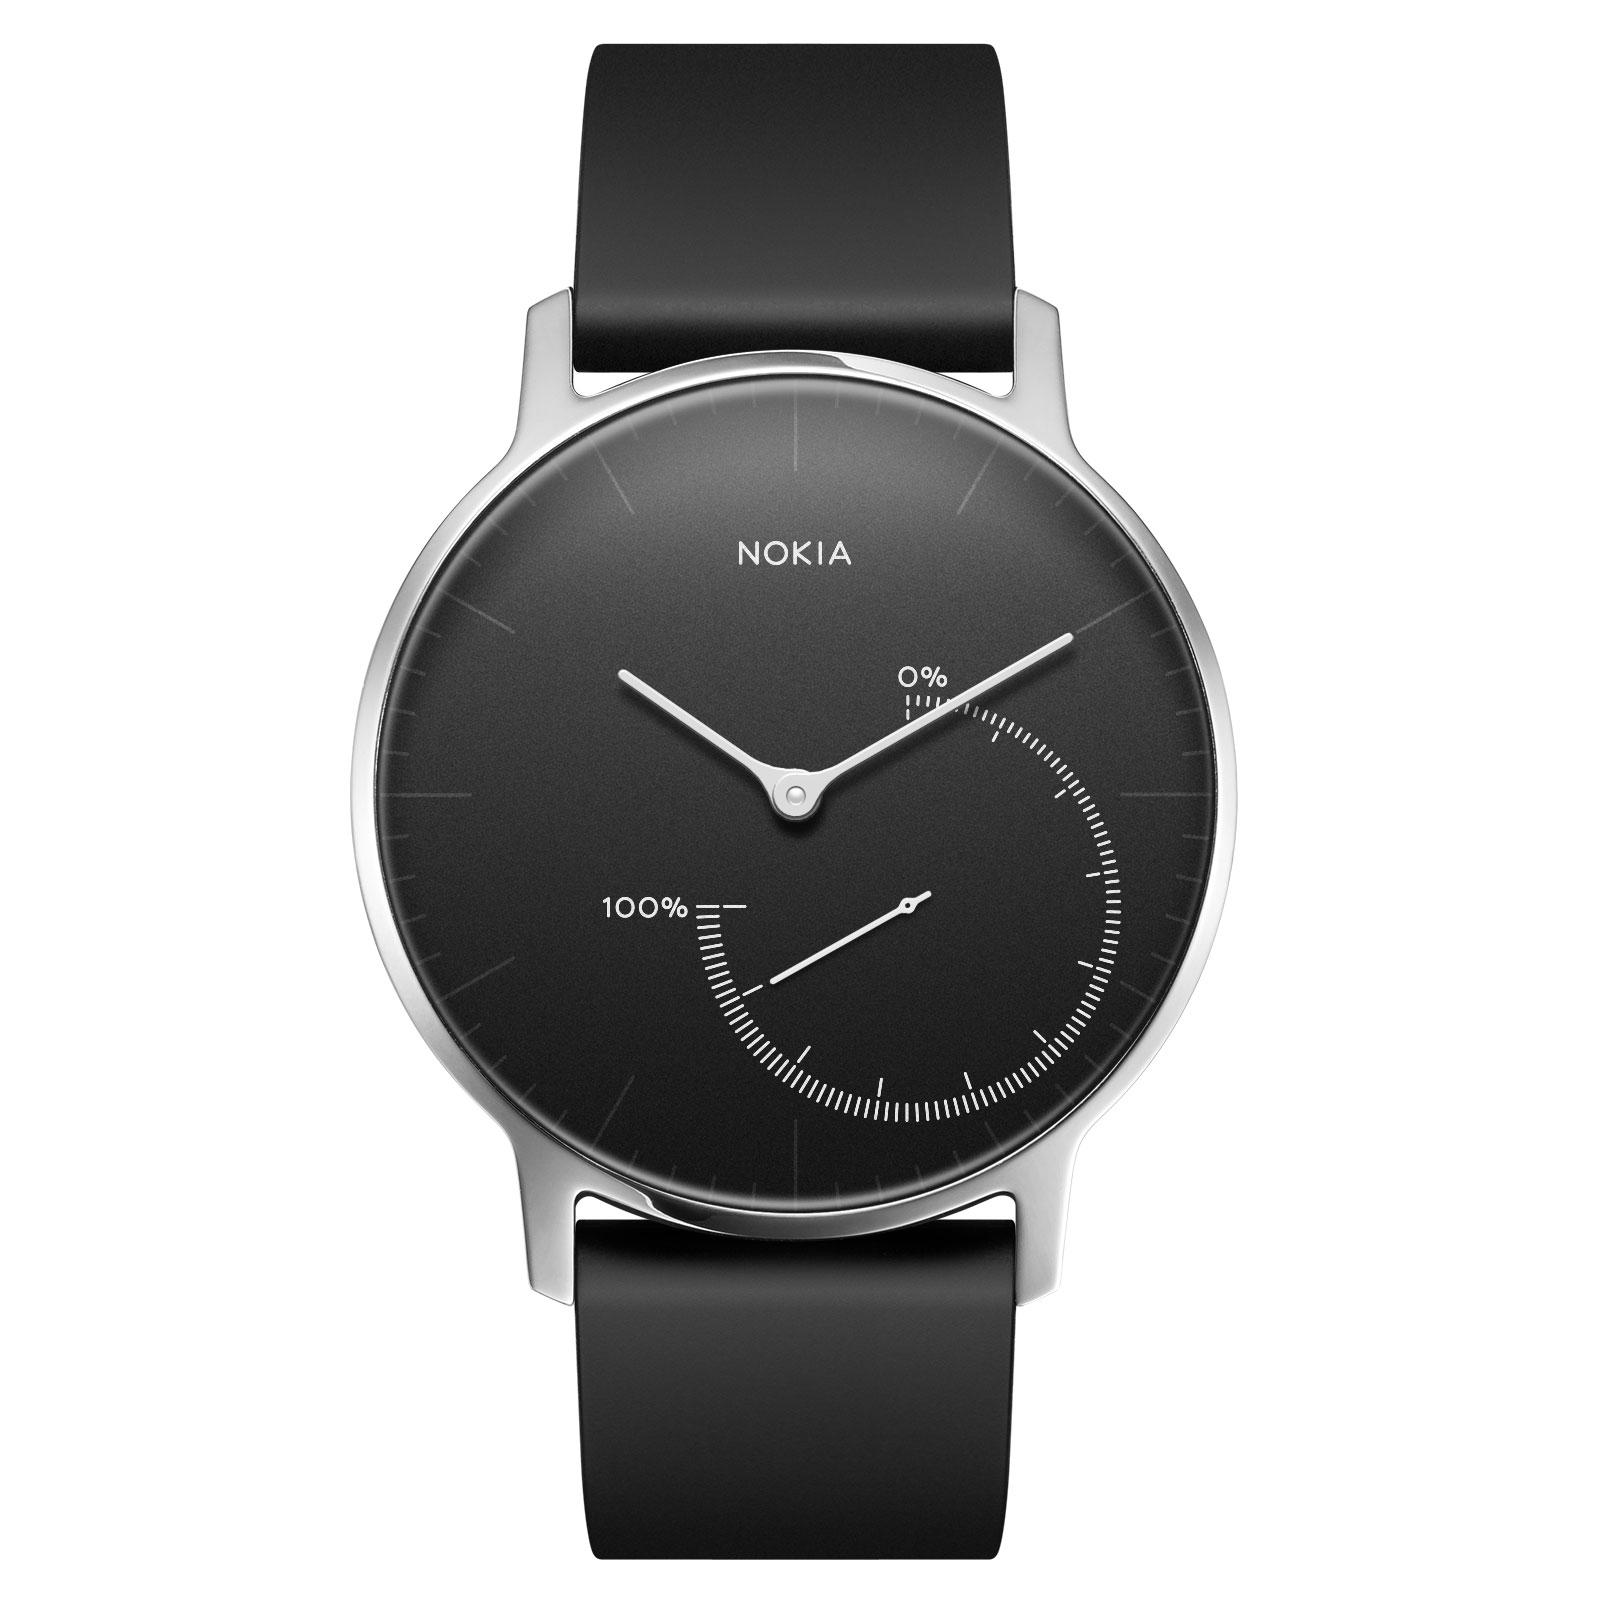 Bracelet connecté Withings Nokia Steel Noir Montre connectée étanche avec suivi d'activité, analyse du sommeil et Bluetooth (iOS et Android)